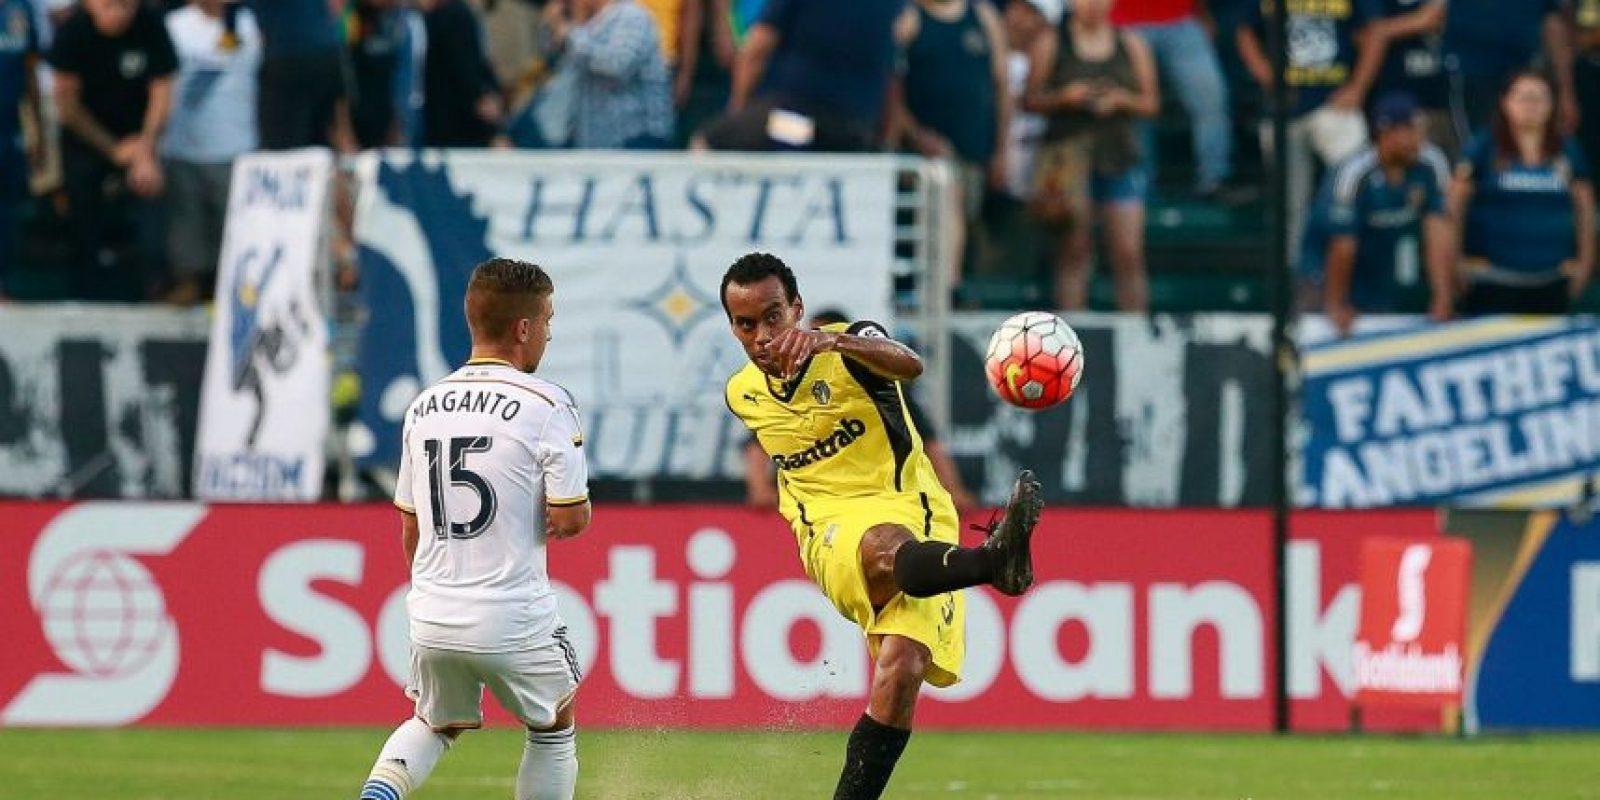 Los cremas casi se despidieron de sus opciones de clasificar a la fase final. Foto:Concacaf, LA Galaxy y Comunicaciones FC